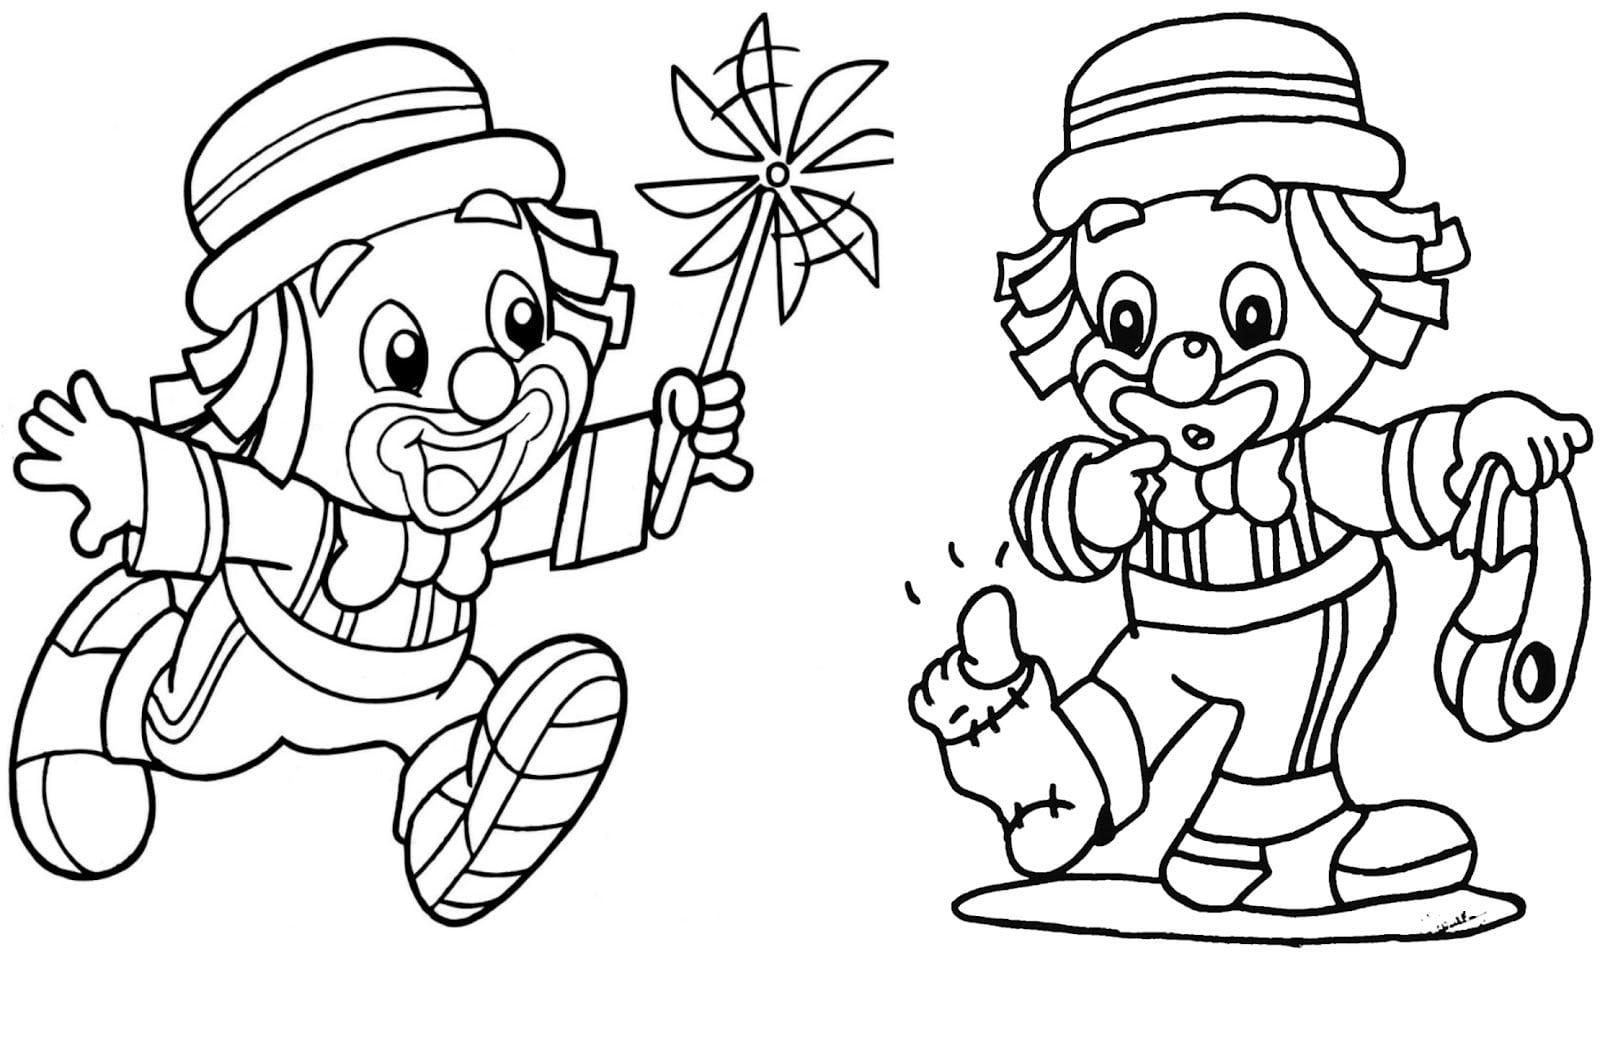 Desenhos Do Patati Patata Para Colorir E Imprimir No Jogos Online Wx